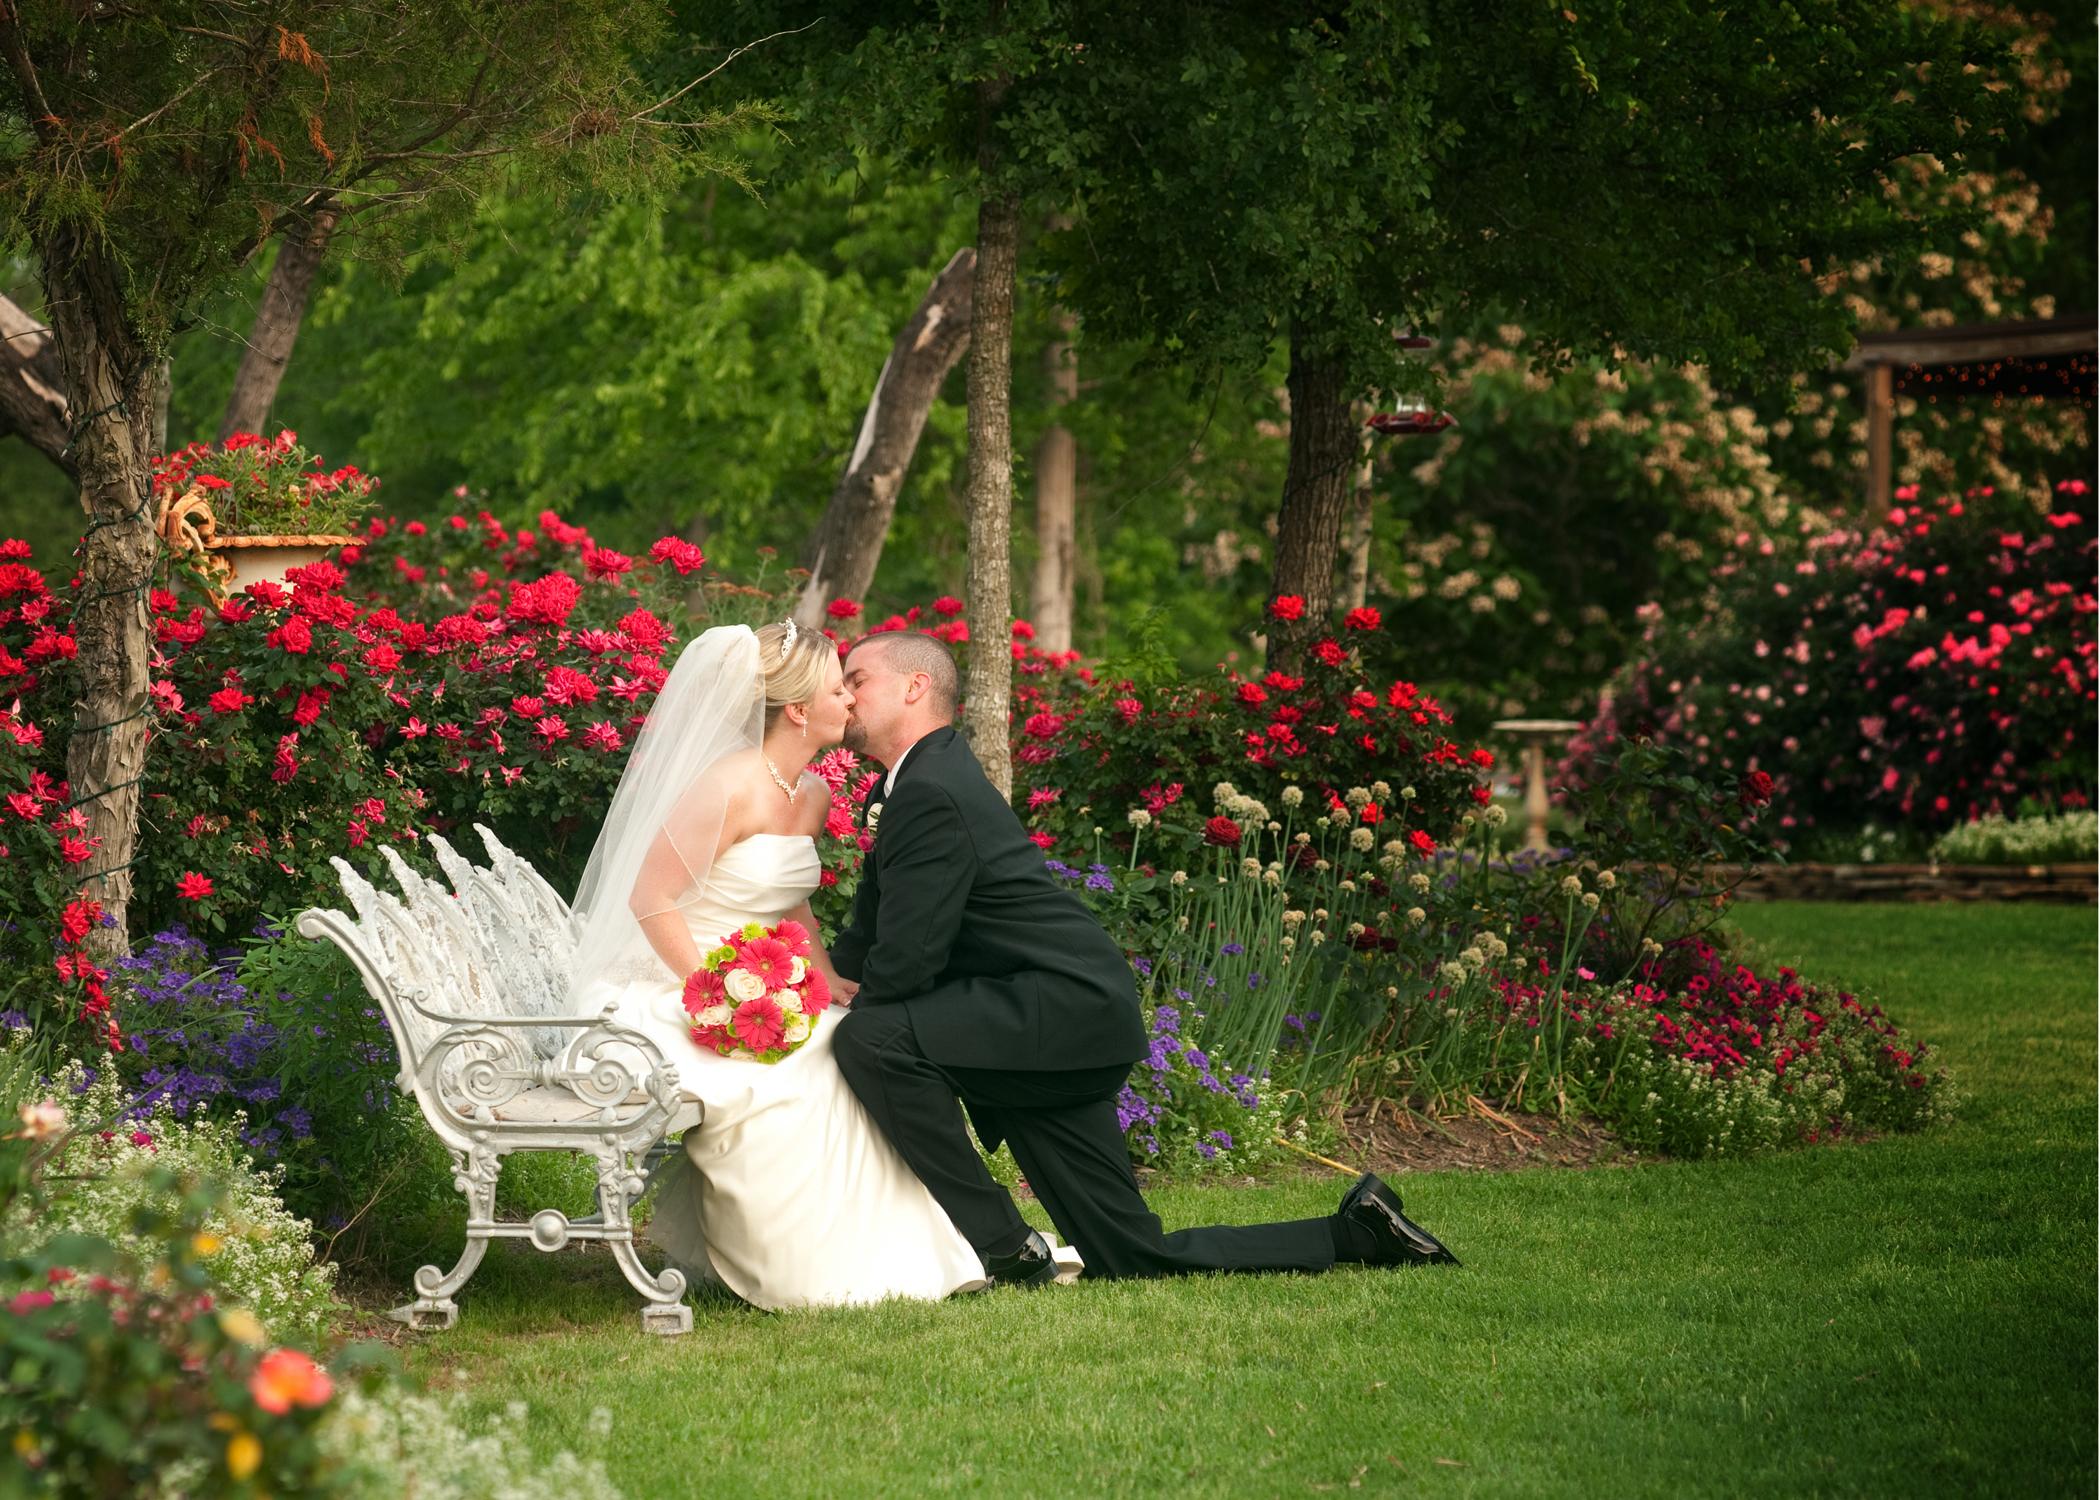 local outdoor wedding venue